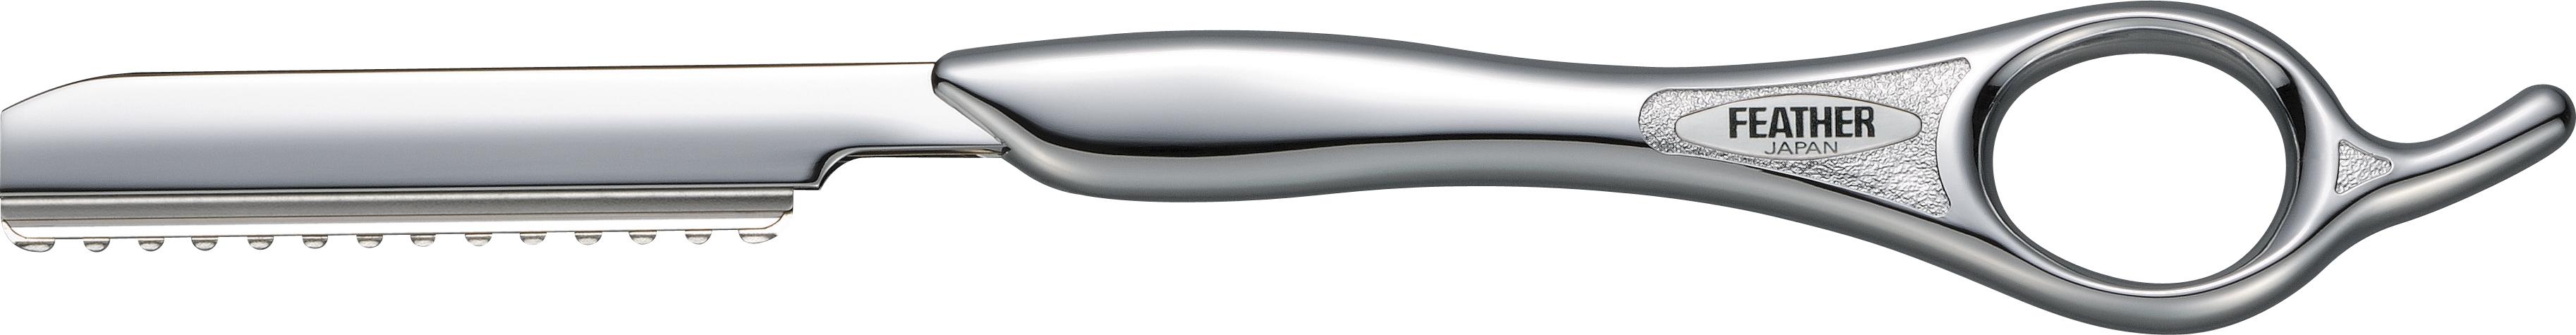 Feather Классическая филировочная бритва SR-S серебристаяS4250811Серия Styling Razor - это любимые бритвы для стрижки волос среди парикмахеров по всему миру. Благодаря тонкому наклонному срезу, который дает бритва, концы волос отлично падают по форме стрижки, создавая красивую текстуру. Для получения оптимального угла кромки каждое лезвие проходит тройную заточку. Лезвия не только остры, но и долговечны, благодаря своему двойному покрытию из платинового сплава и каучука. Платиновый сплав увеличивает долговечность лезвия, а каучуковое покрытие снижает трение.